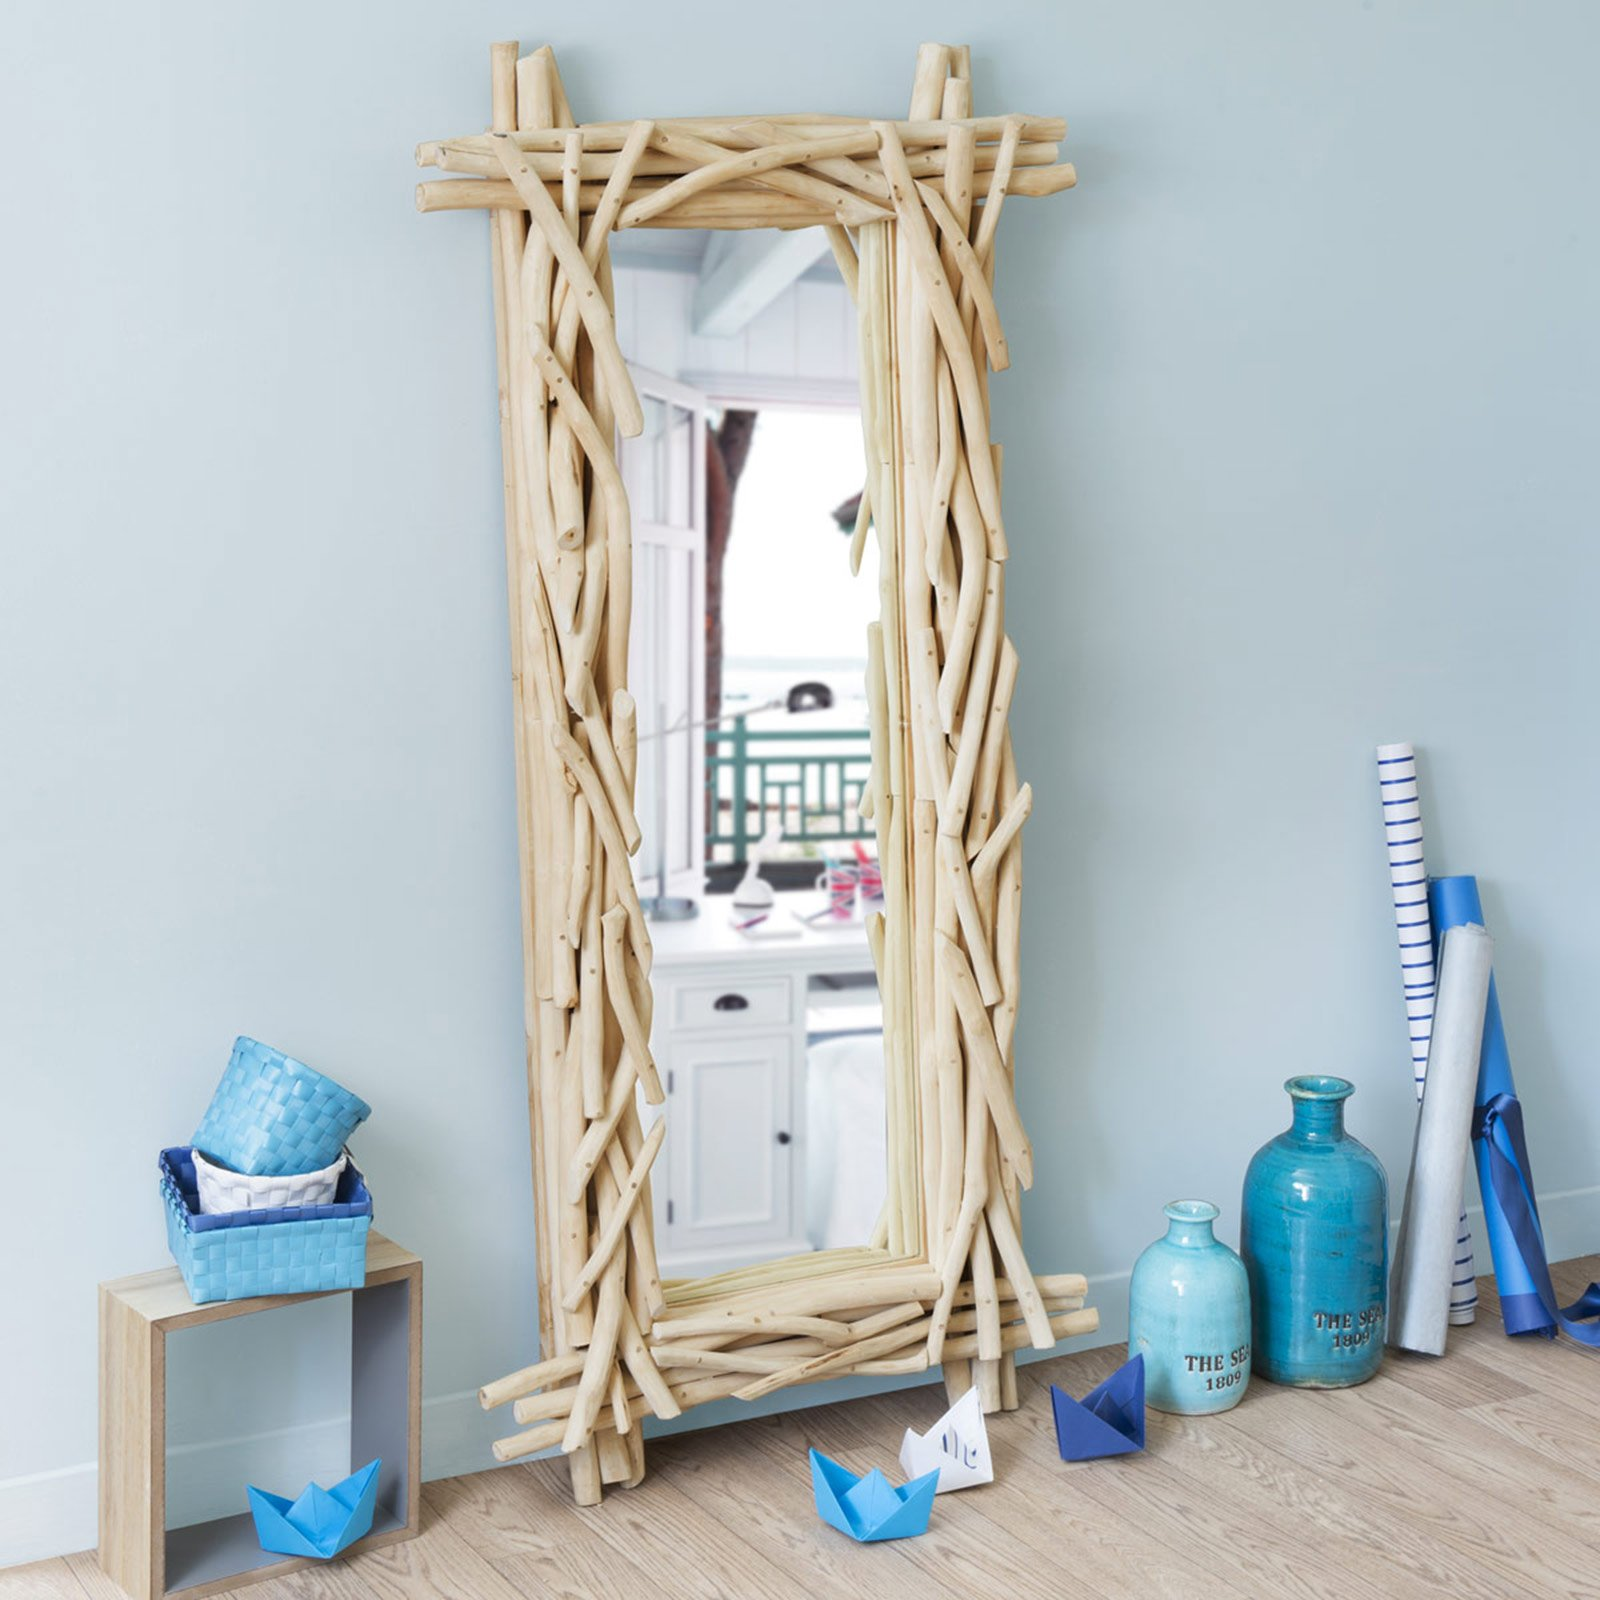 Specchi questione di riflessi cose di casa - Maison du monde specchi bagno ...